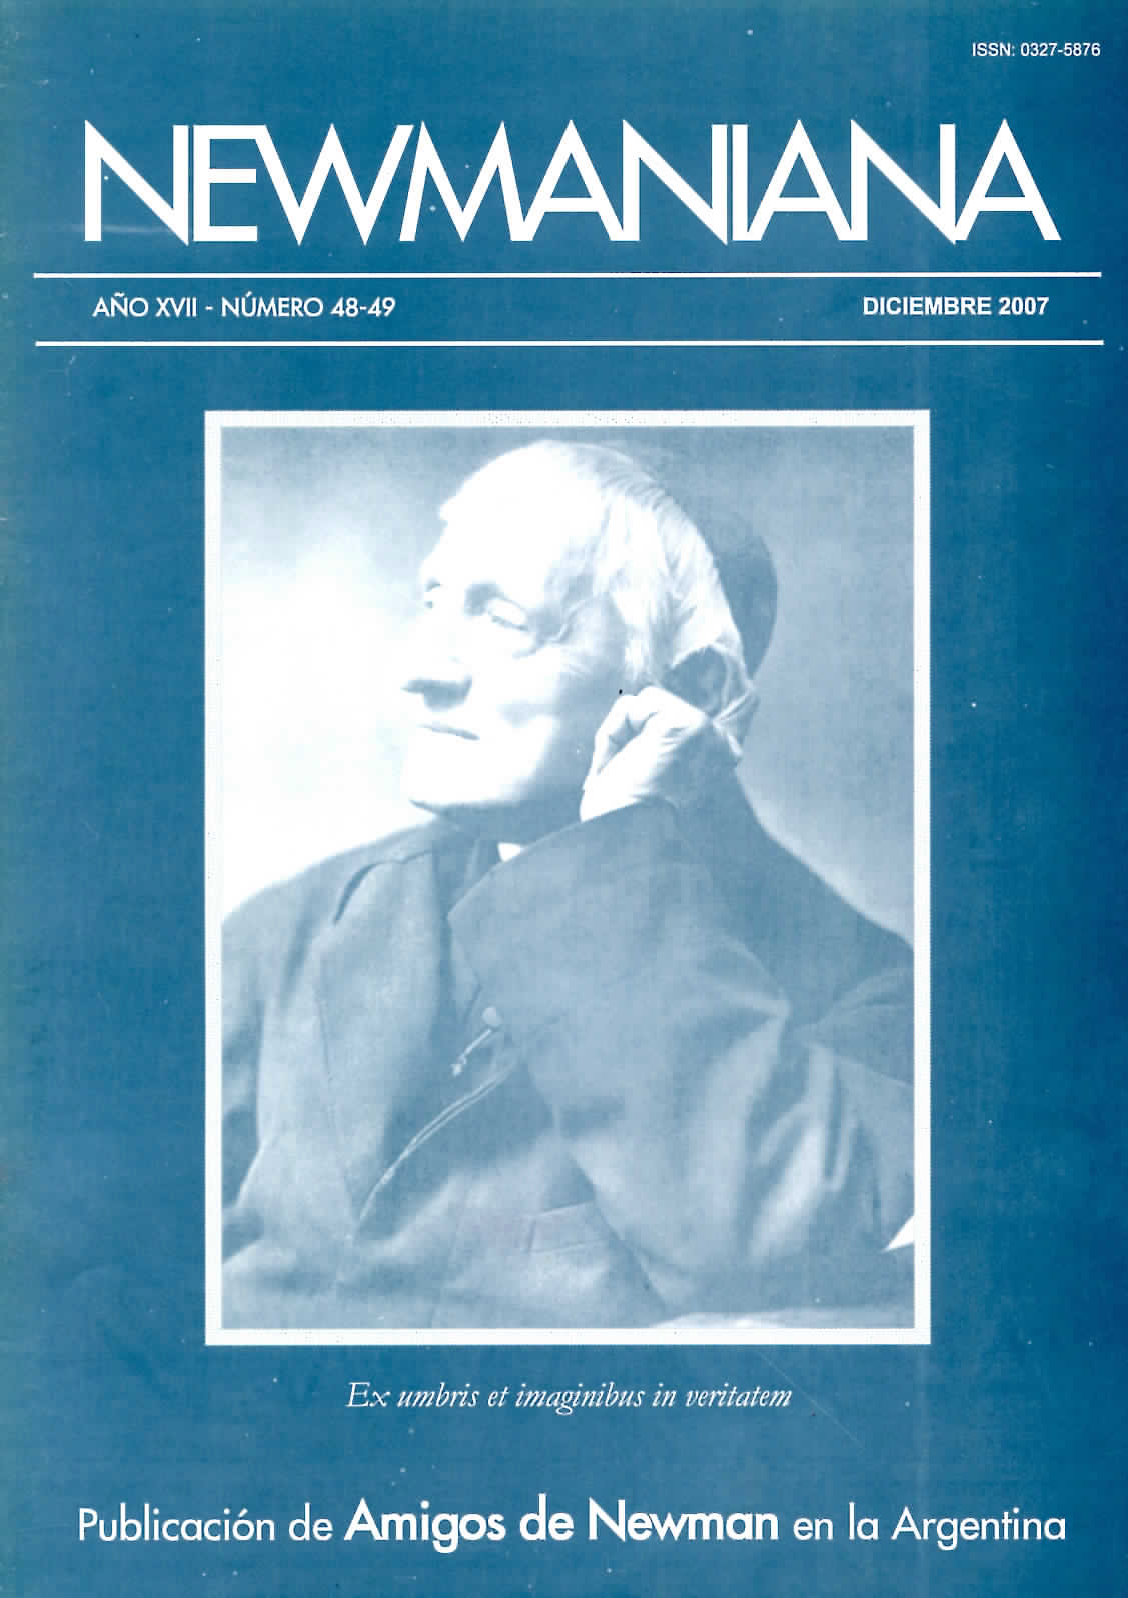 Revista Newmaniana N° 48/49 – Diciembre 2007